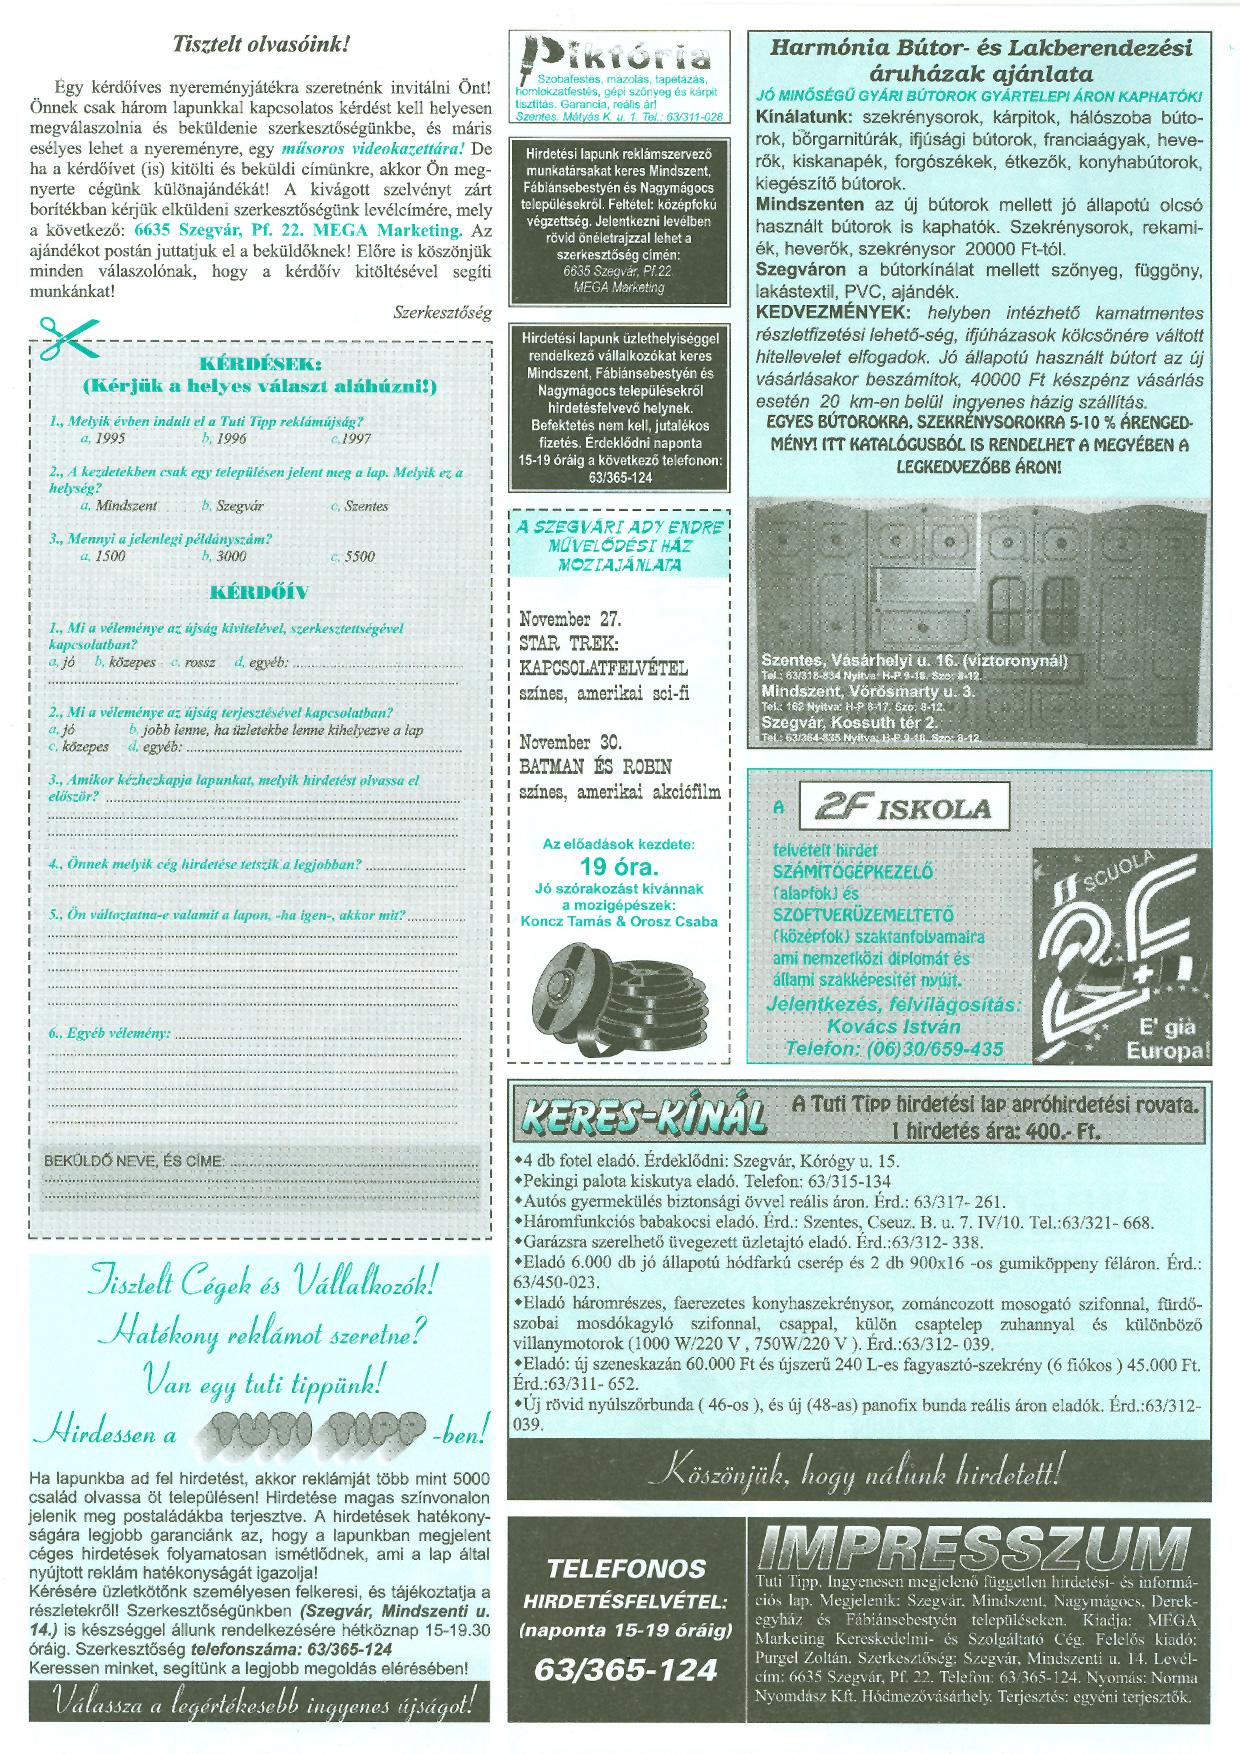 046 Tuti Tipp reklámújság - 19971122-074. lapszám - 4.oldal - III. évfolyam.jpg